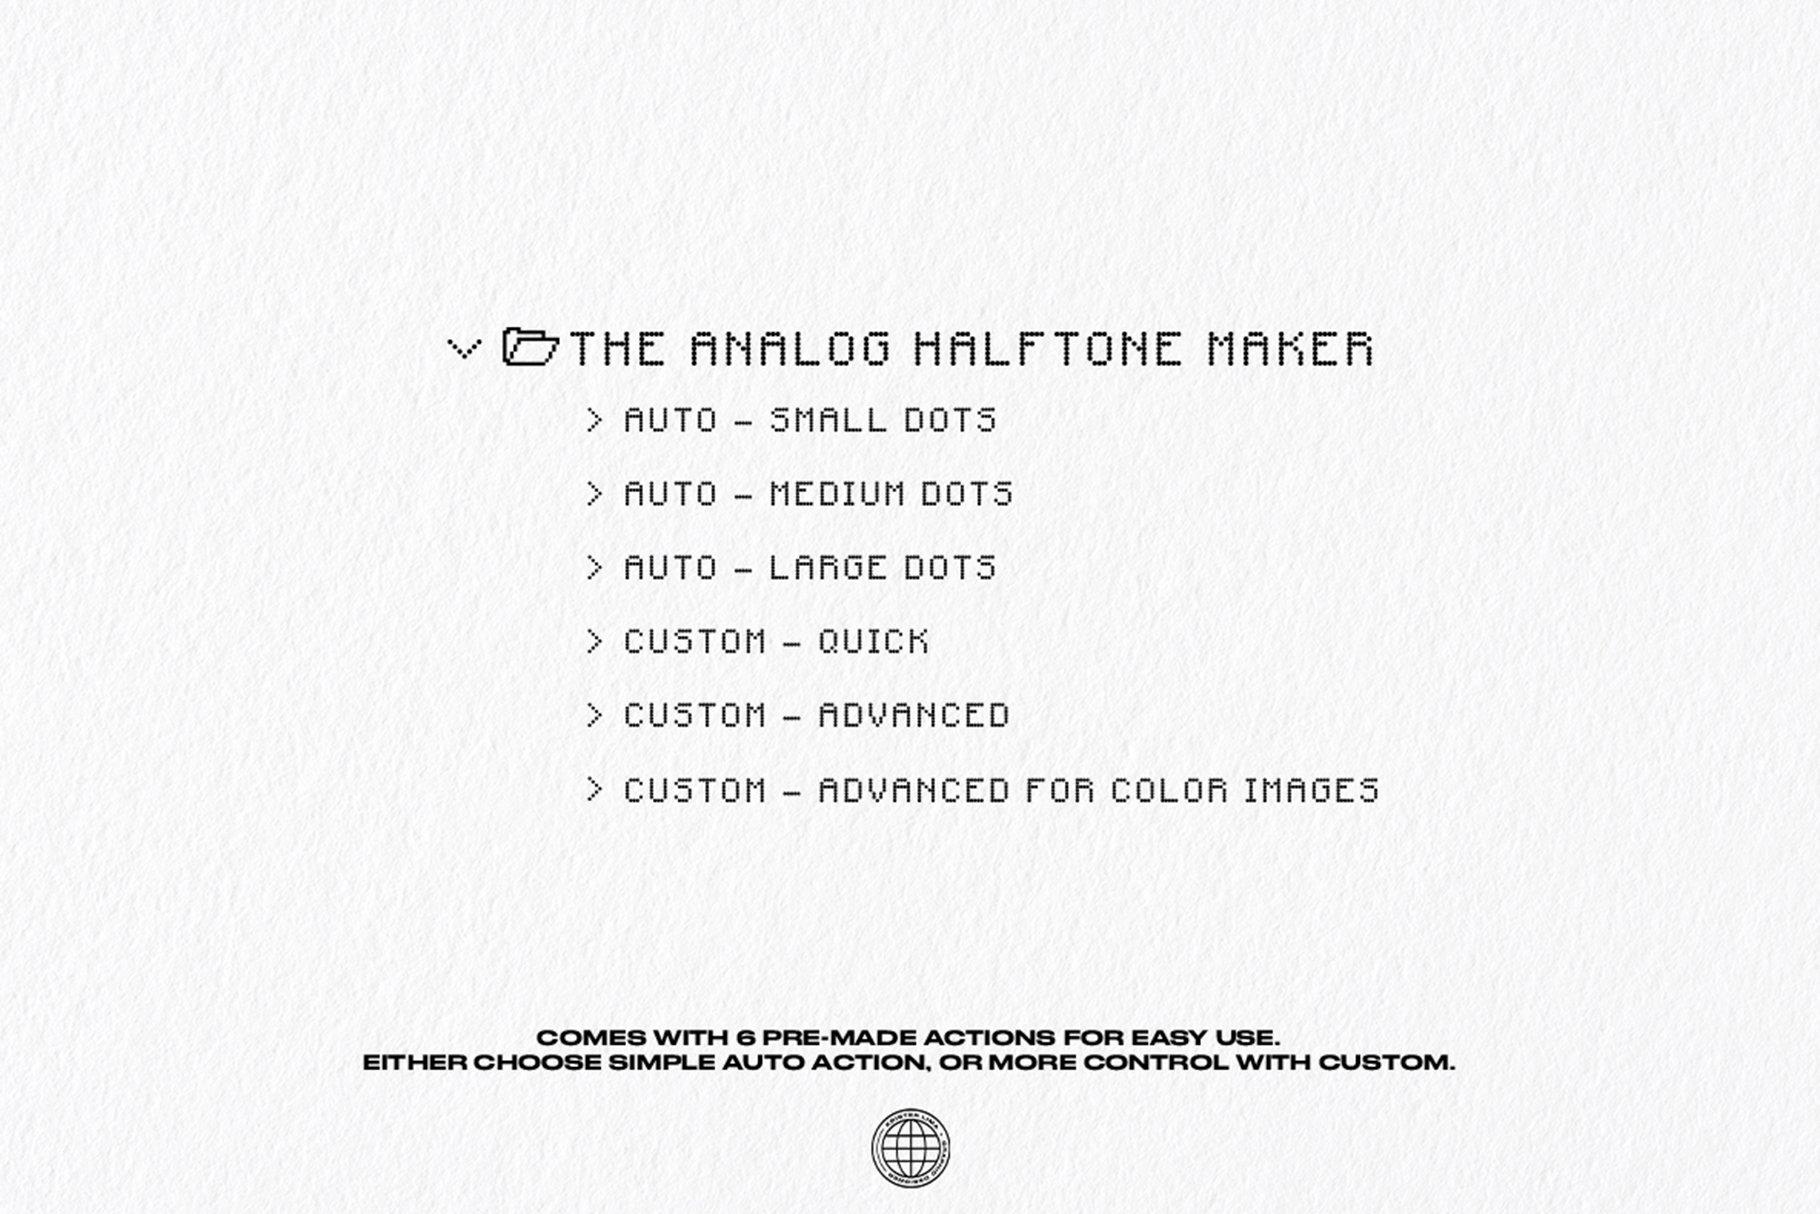 [淘宝购买] 潮流复古半调波点效果文字图形设计处理一键式PS动作 The One Click Analog Halftone Maker插图6